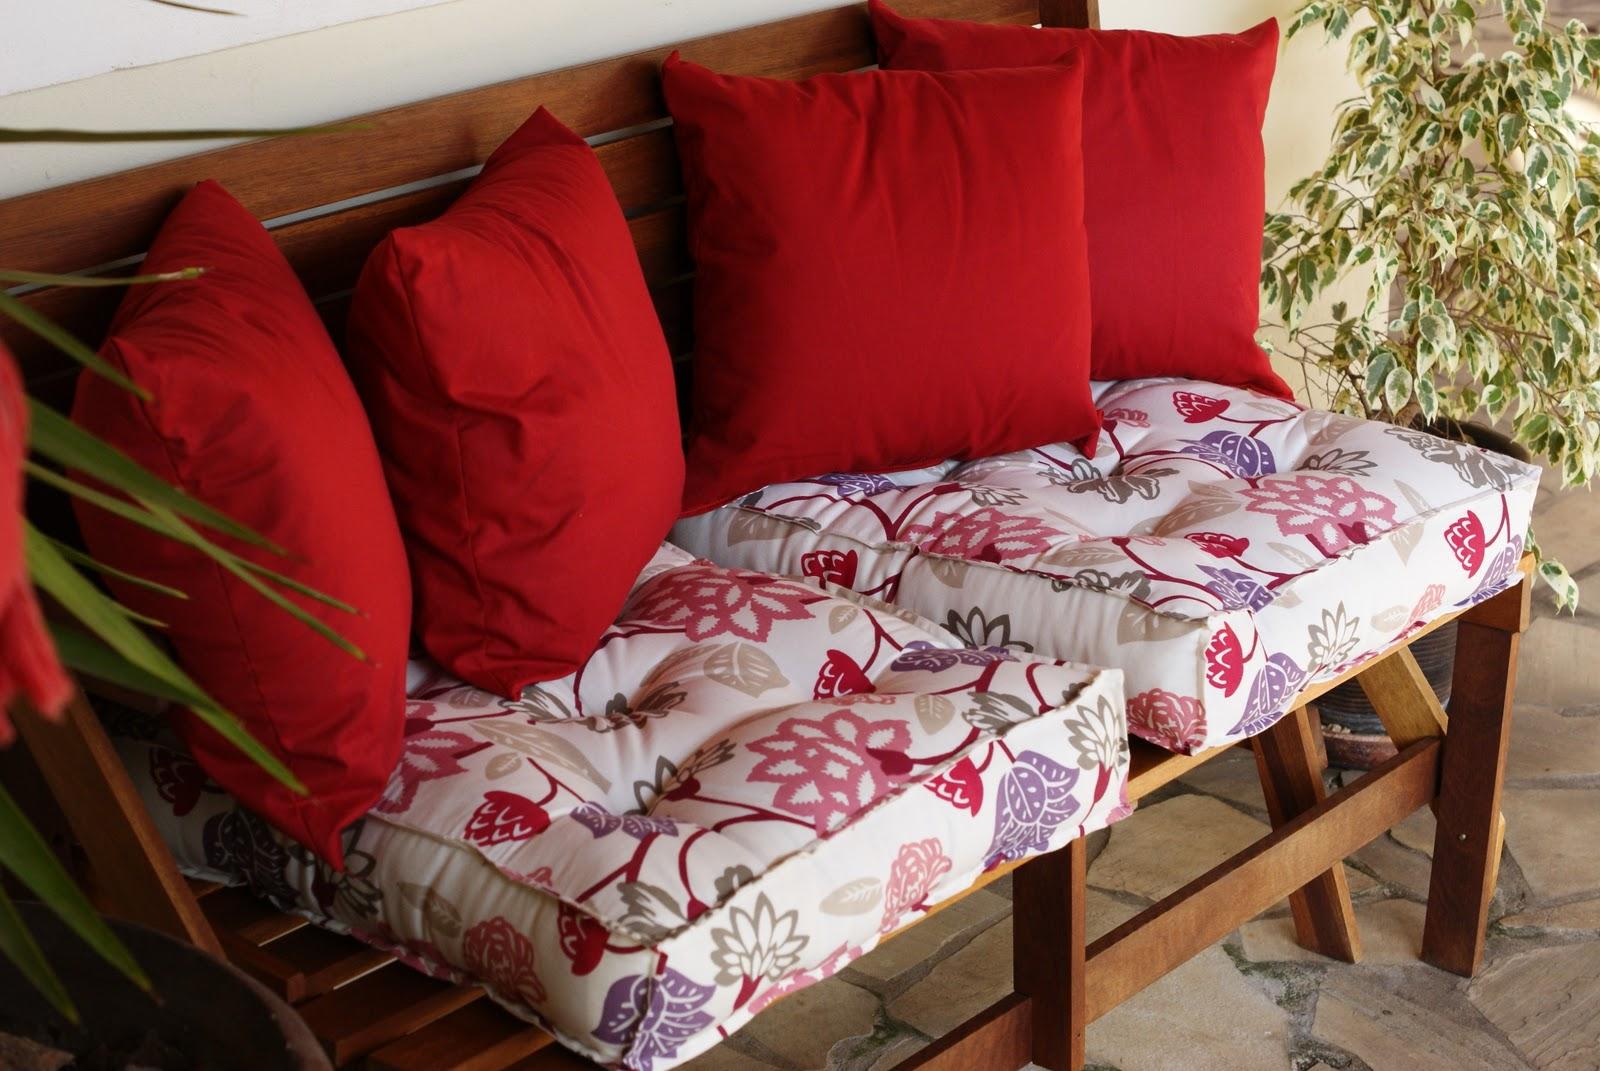 banco jardim que vira mesa:Renovalar – Ideias e dicas para decorar  #B01B20 1600x1071